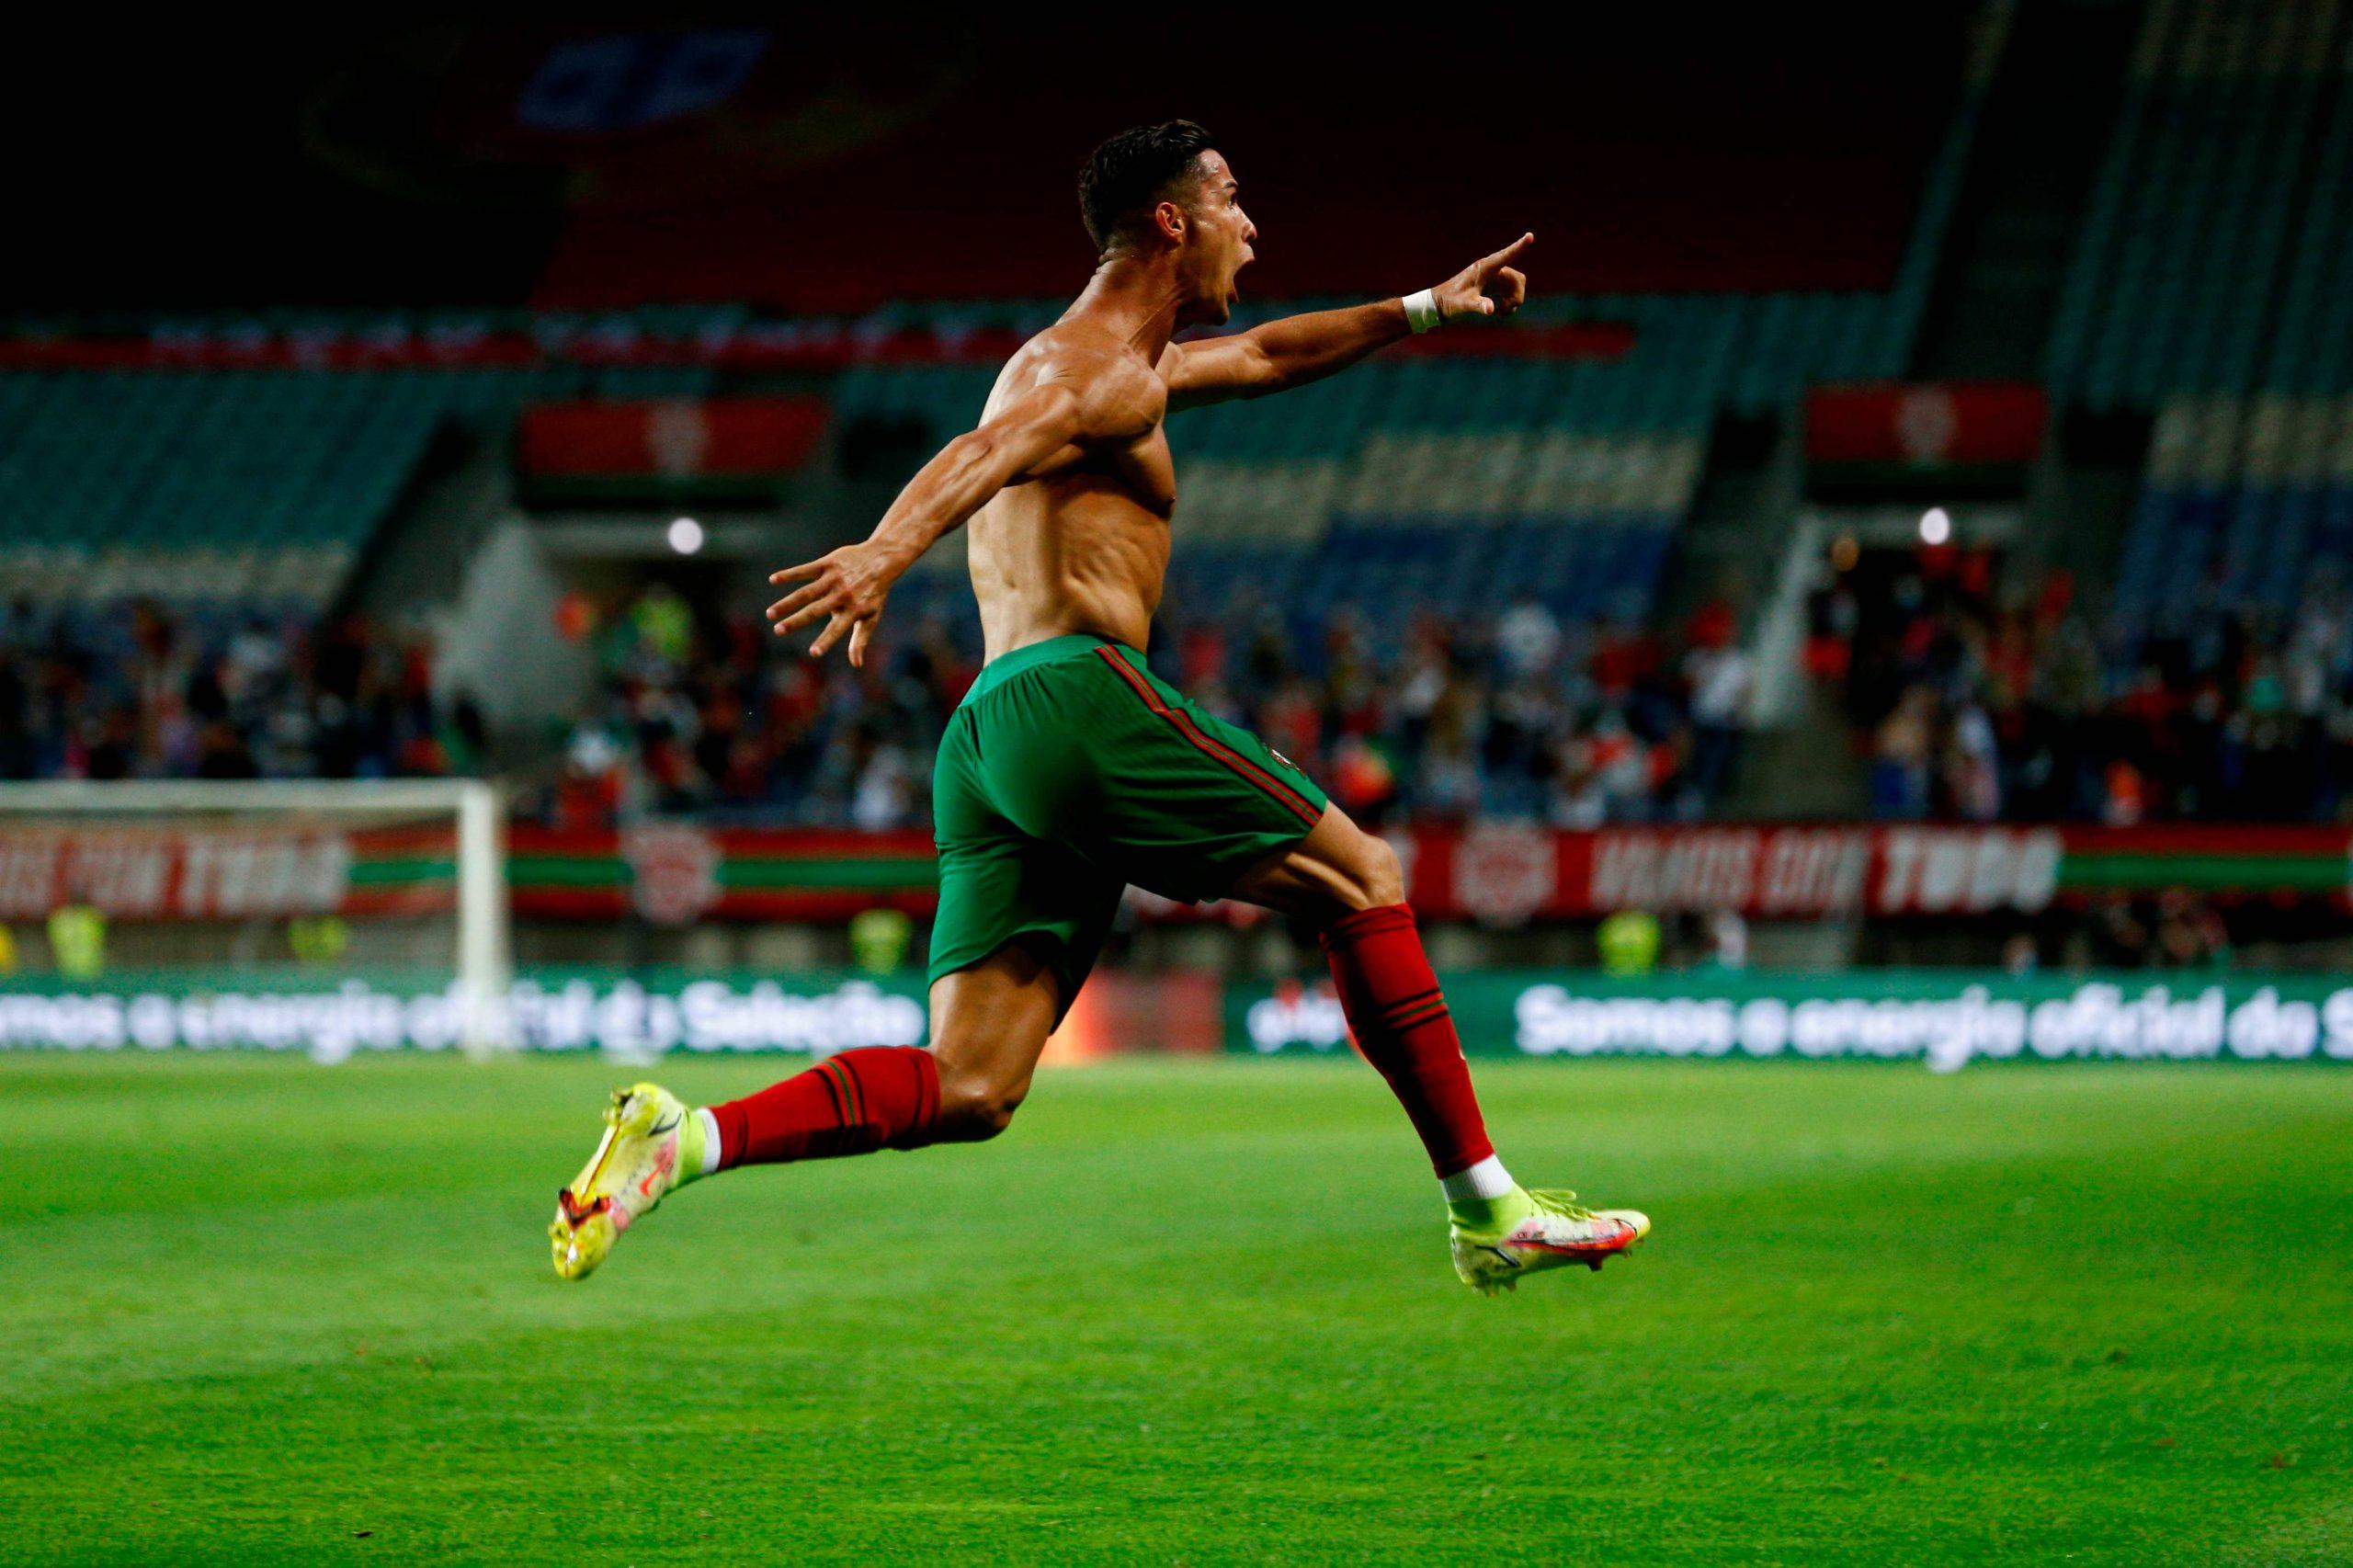 Falla un penalti, marca un doblete y es el máximo goleador de selecciones de la historia - Prensa Libre